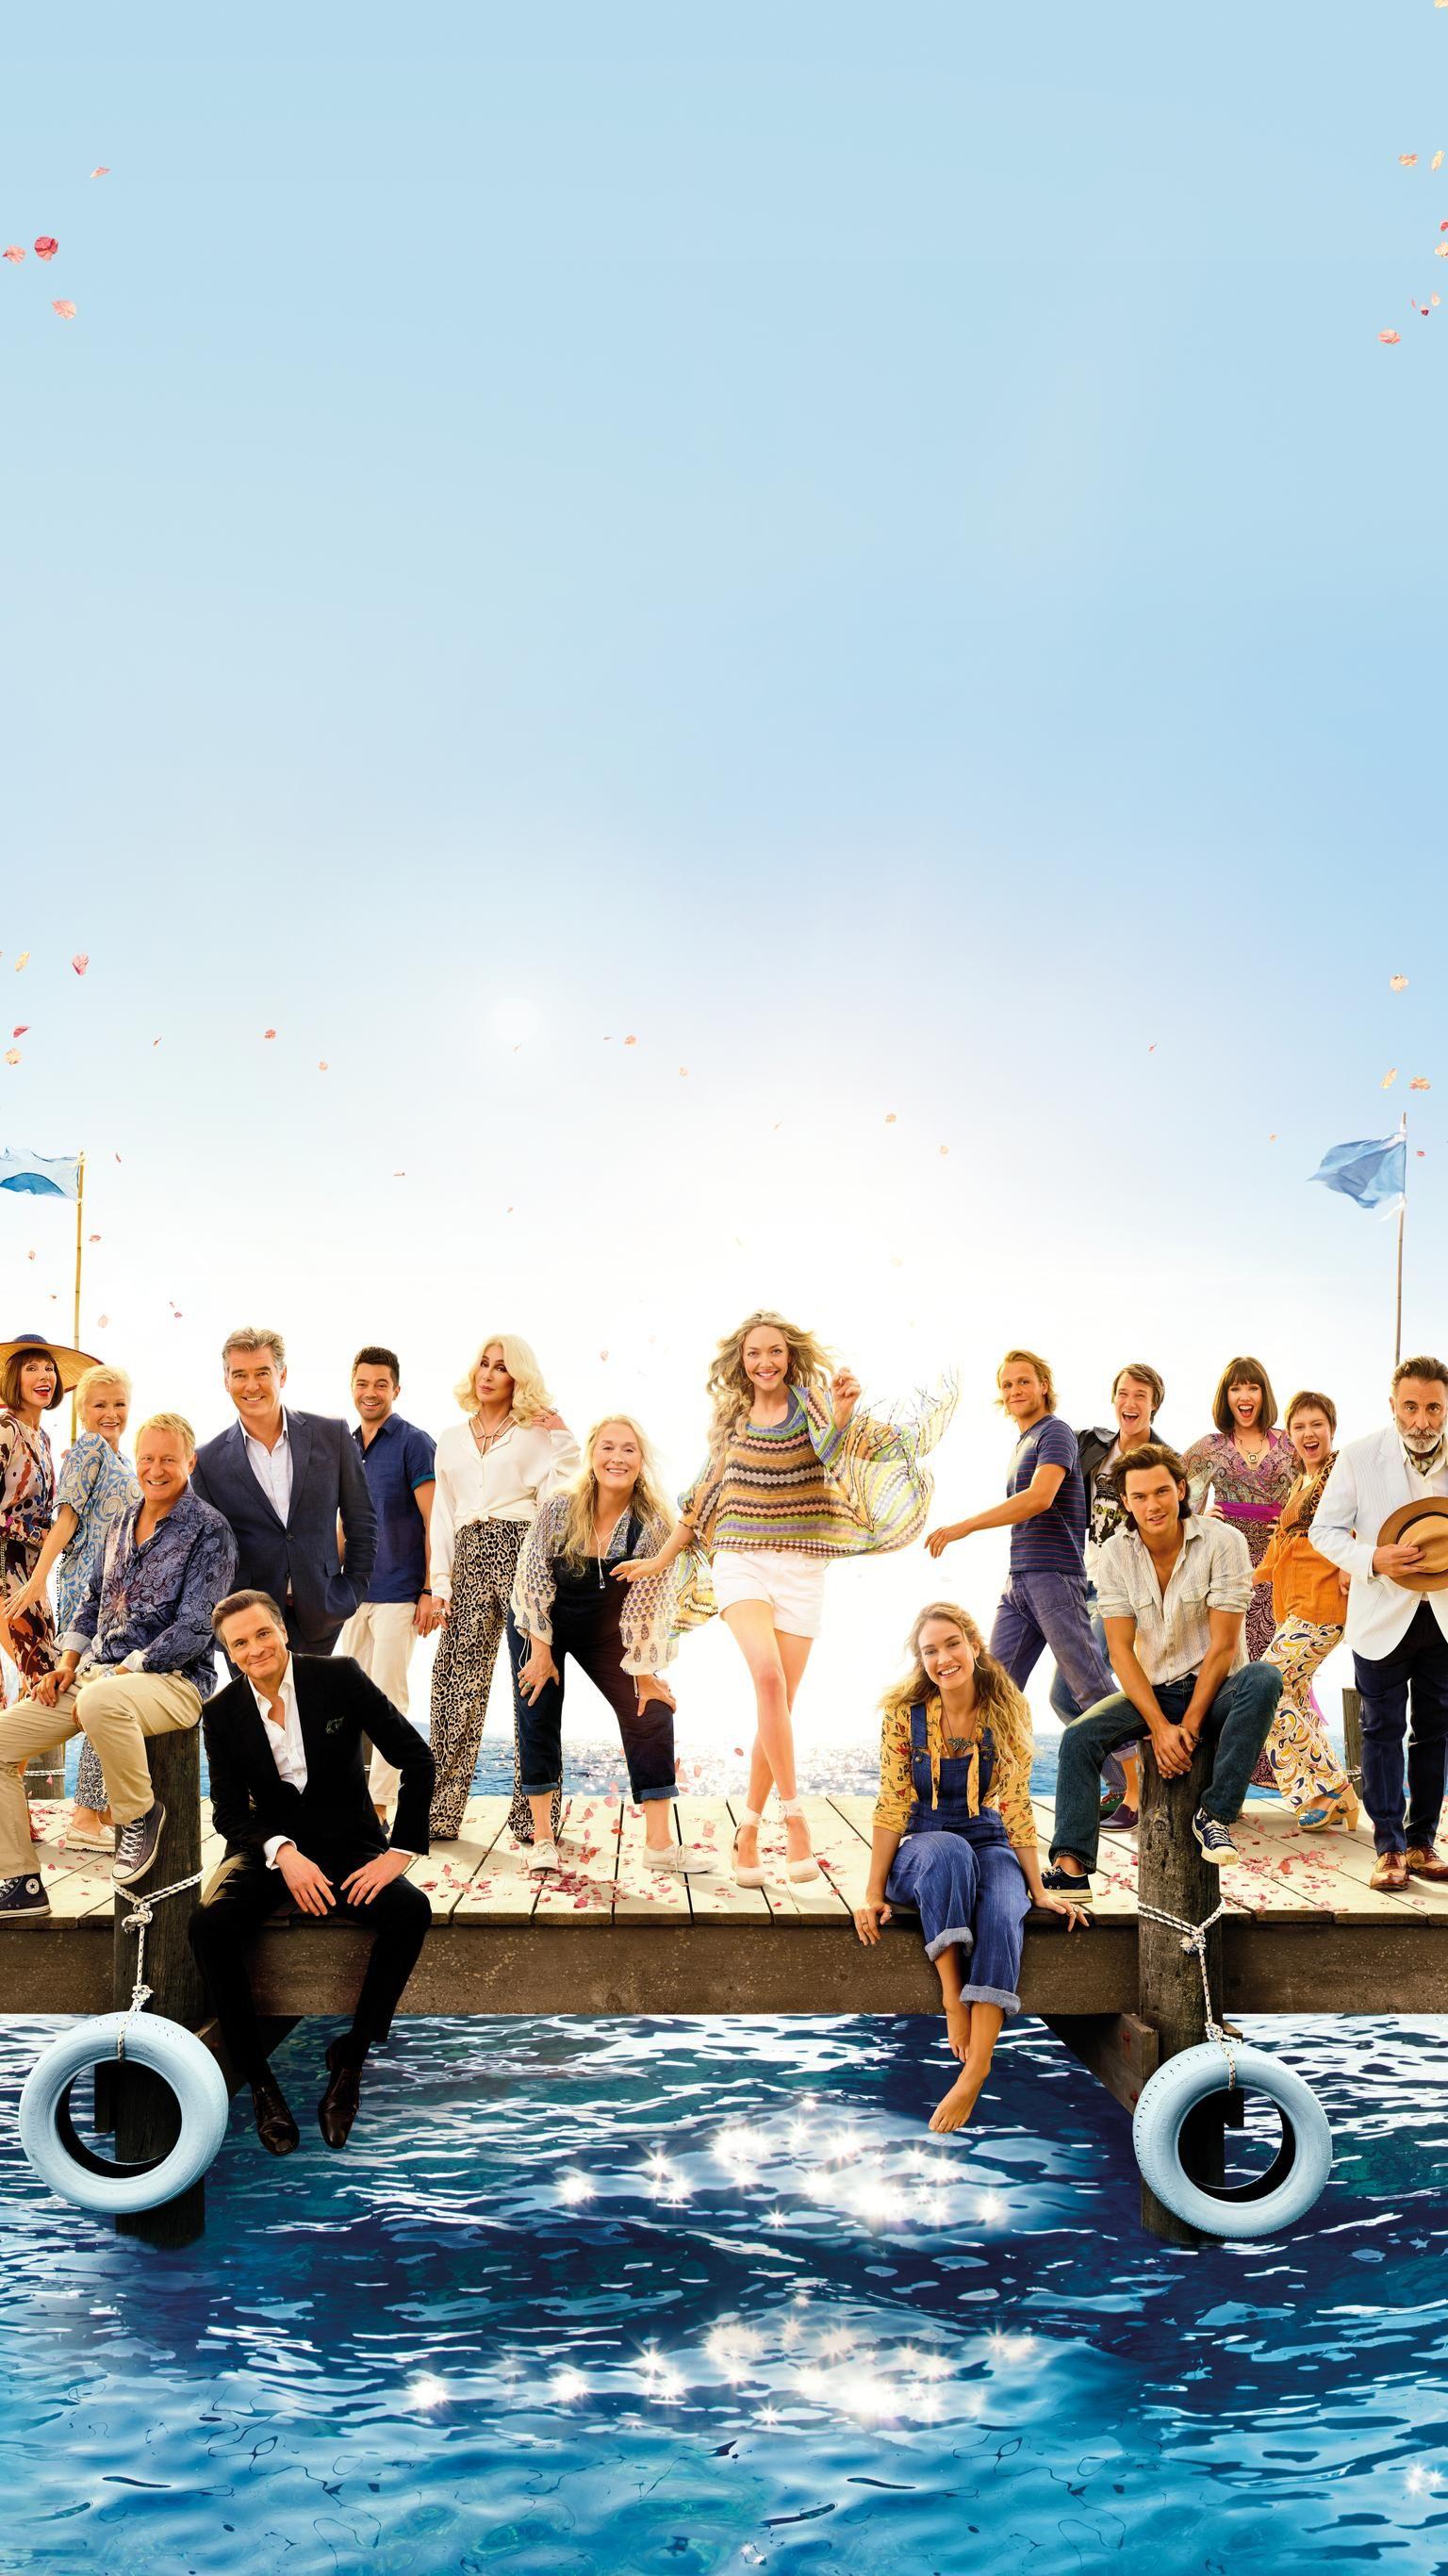 Mamma Mia Here We Go Again 2018 Phone Wallpaper Moviemania Mamma Mia Mama Mia Mamma